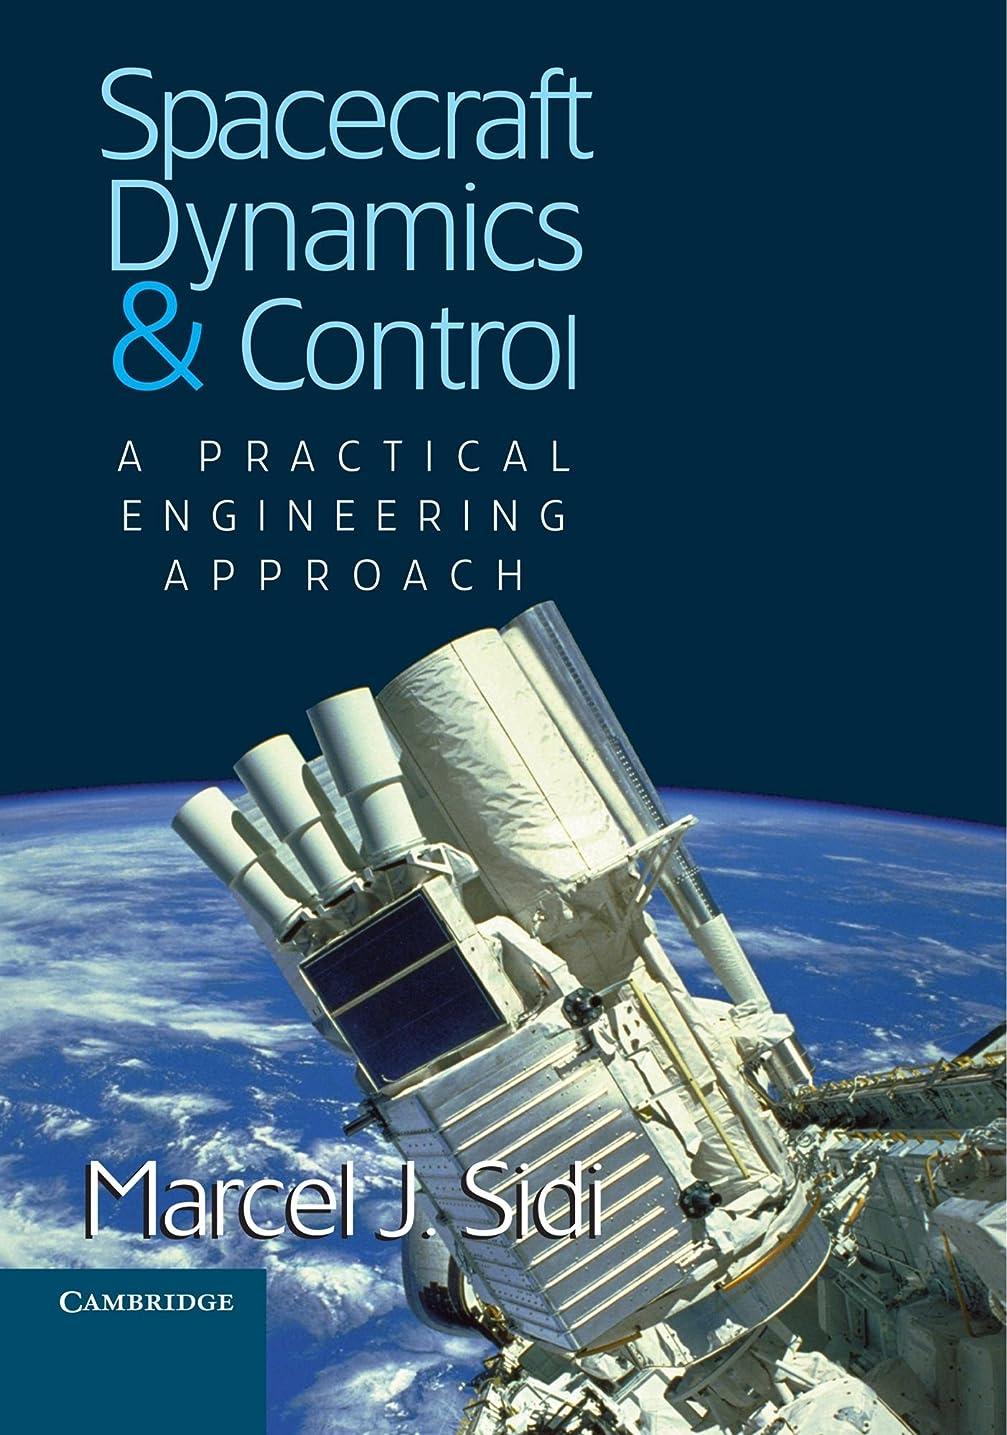 間接的統治可能吸収剤Spacecraft Dynamics and Control: A Practical Engineering Approach (Cambridge Aerospace Series)